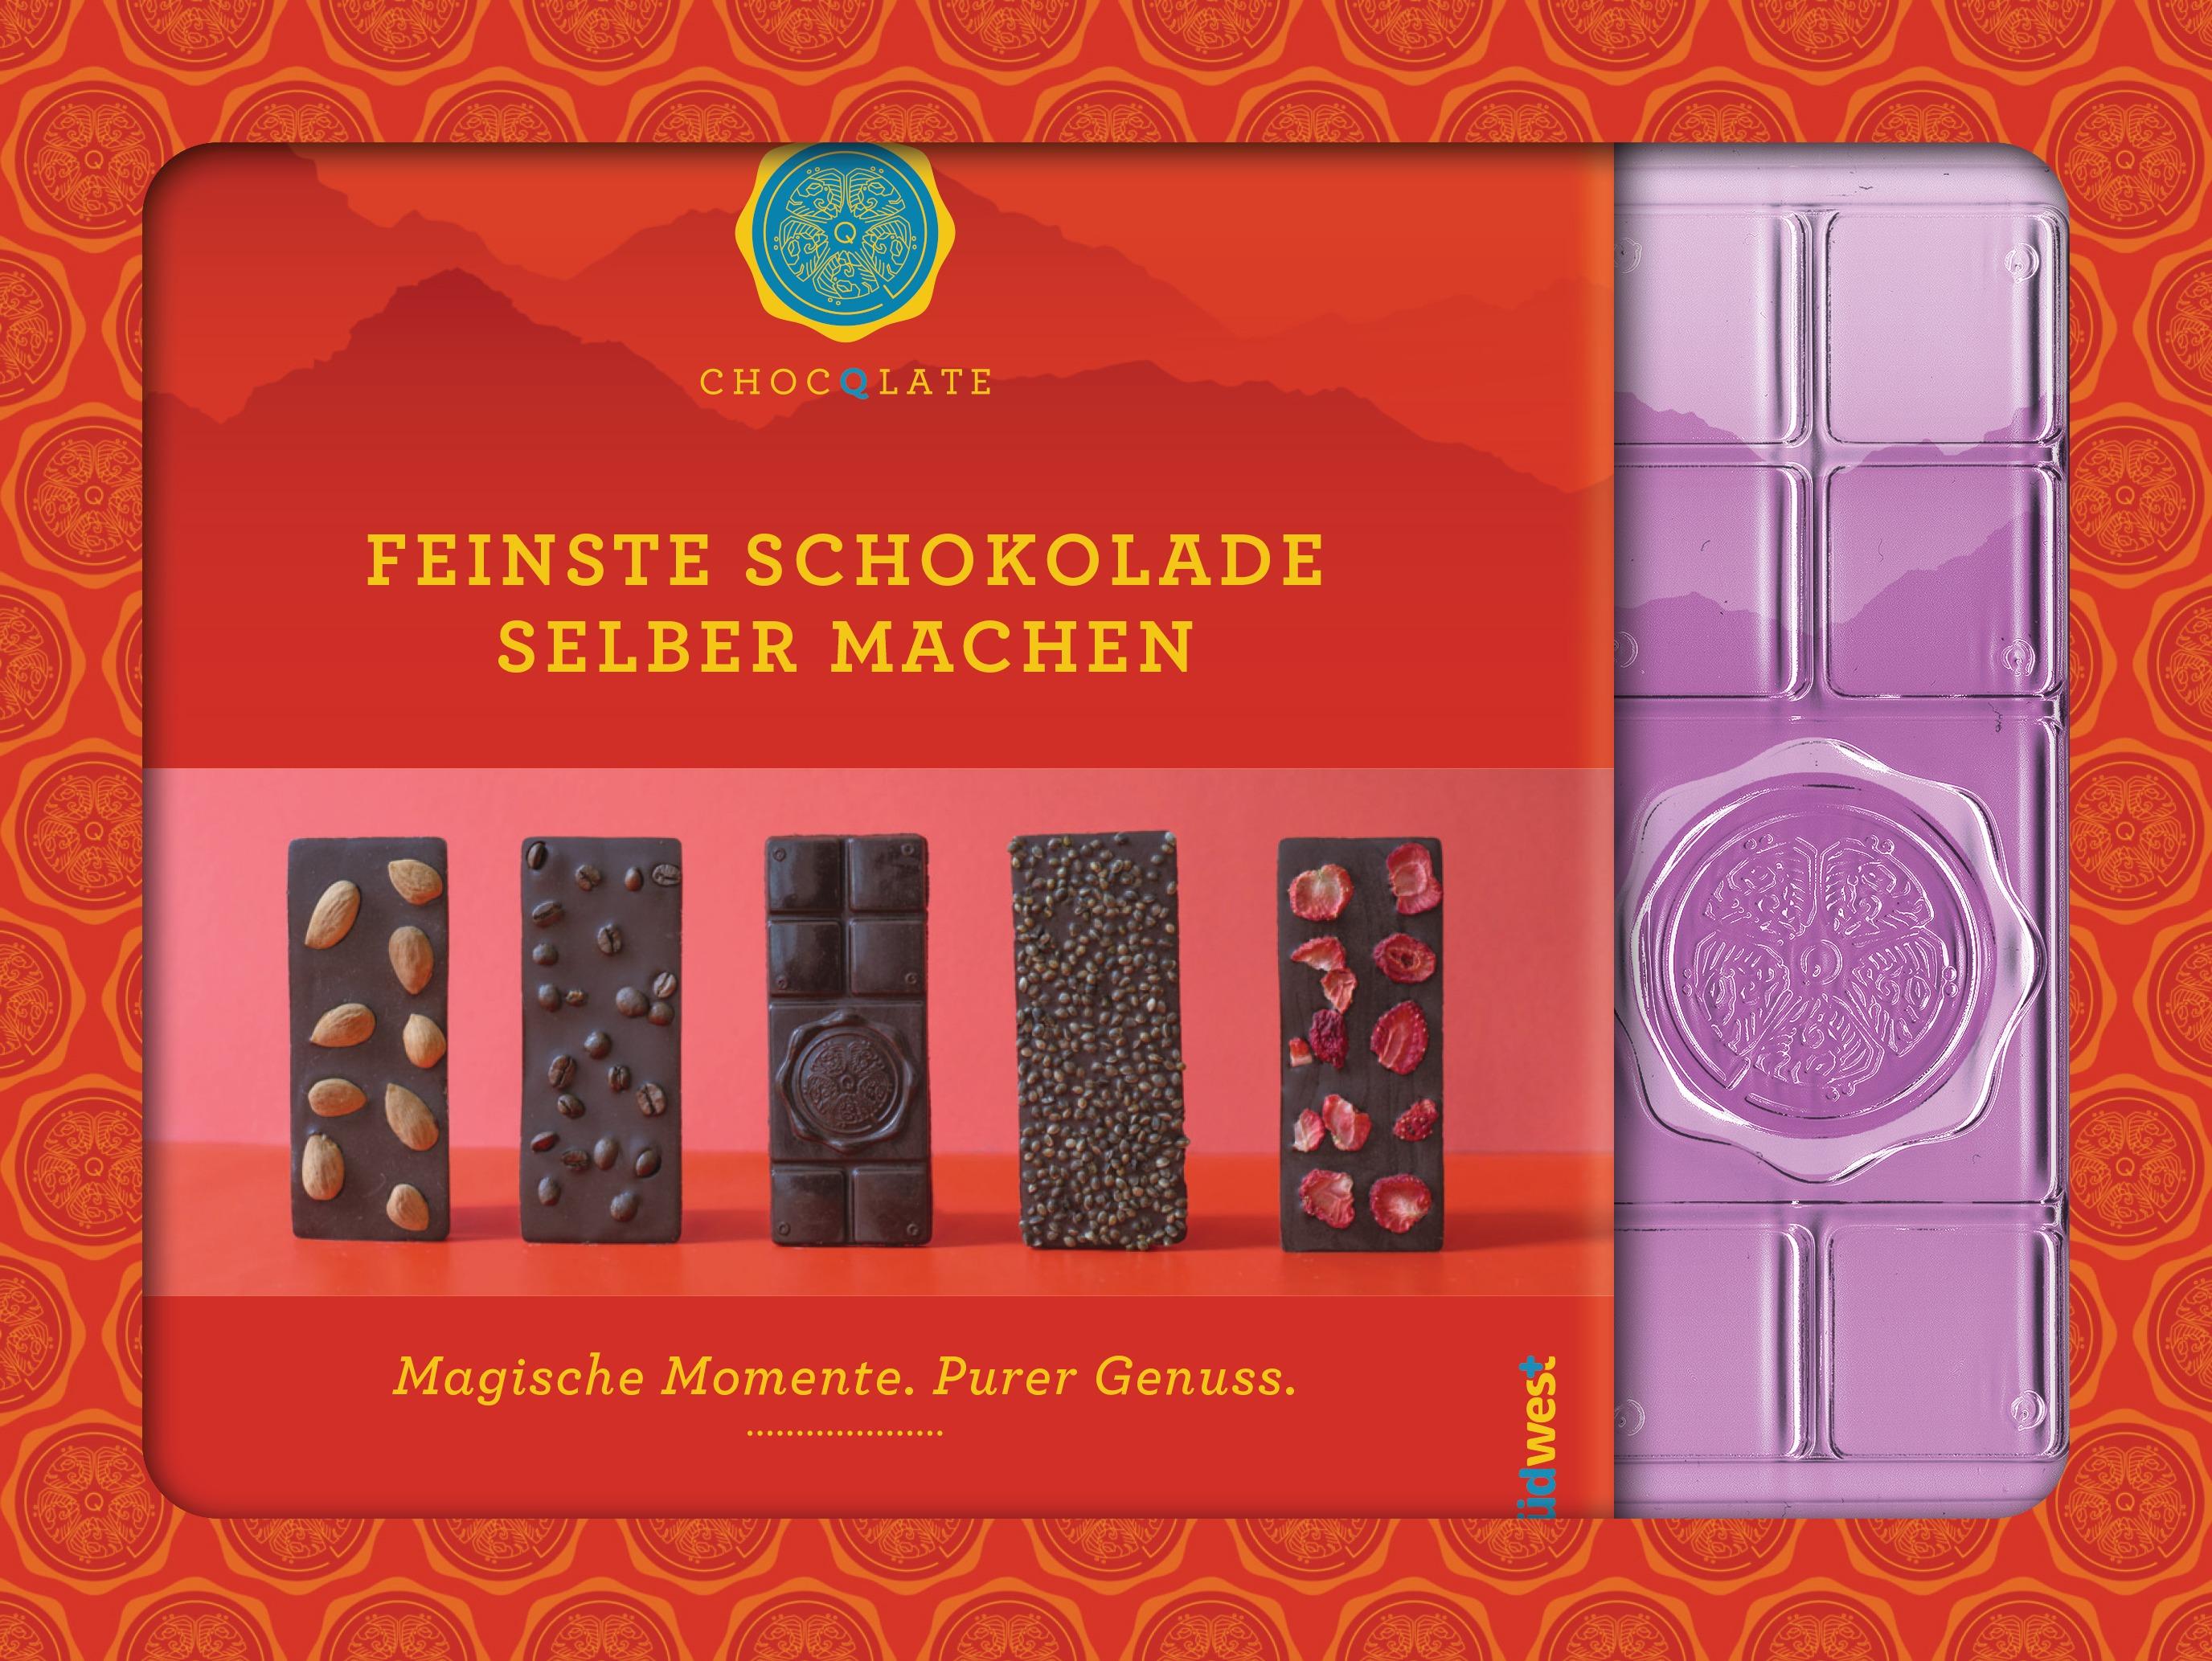 Feinste Schokolade selber machen von Julia Brodbeck